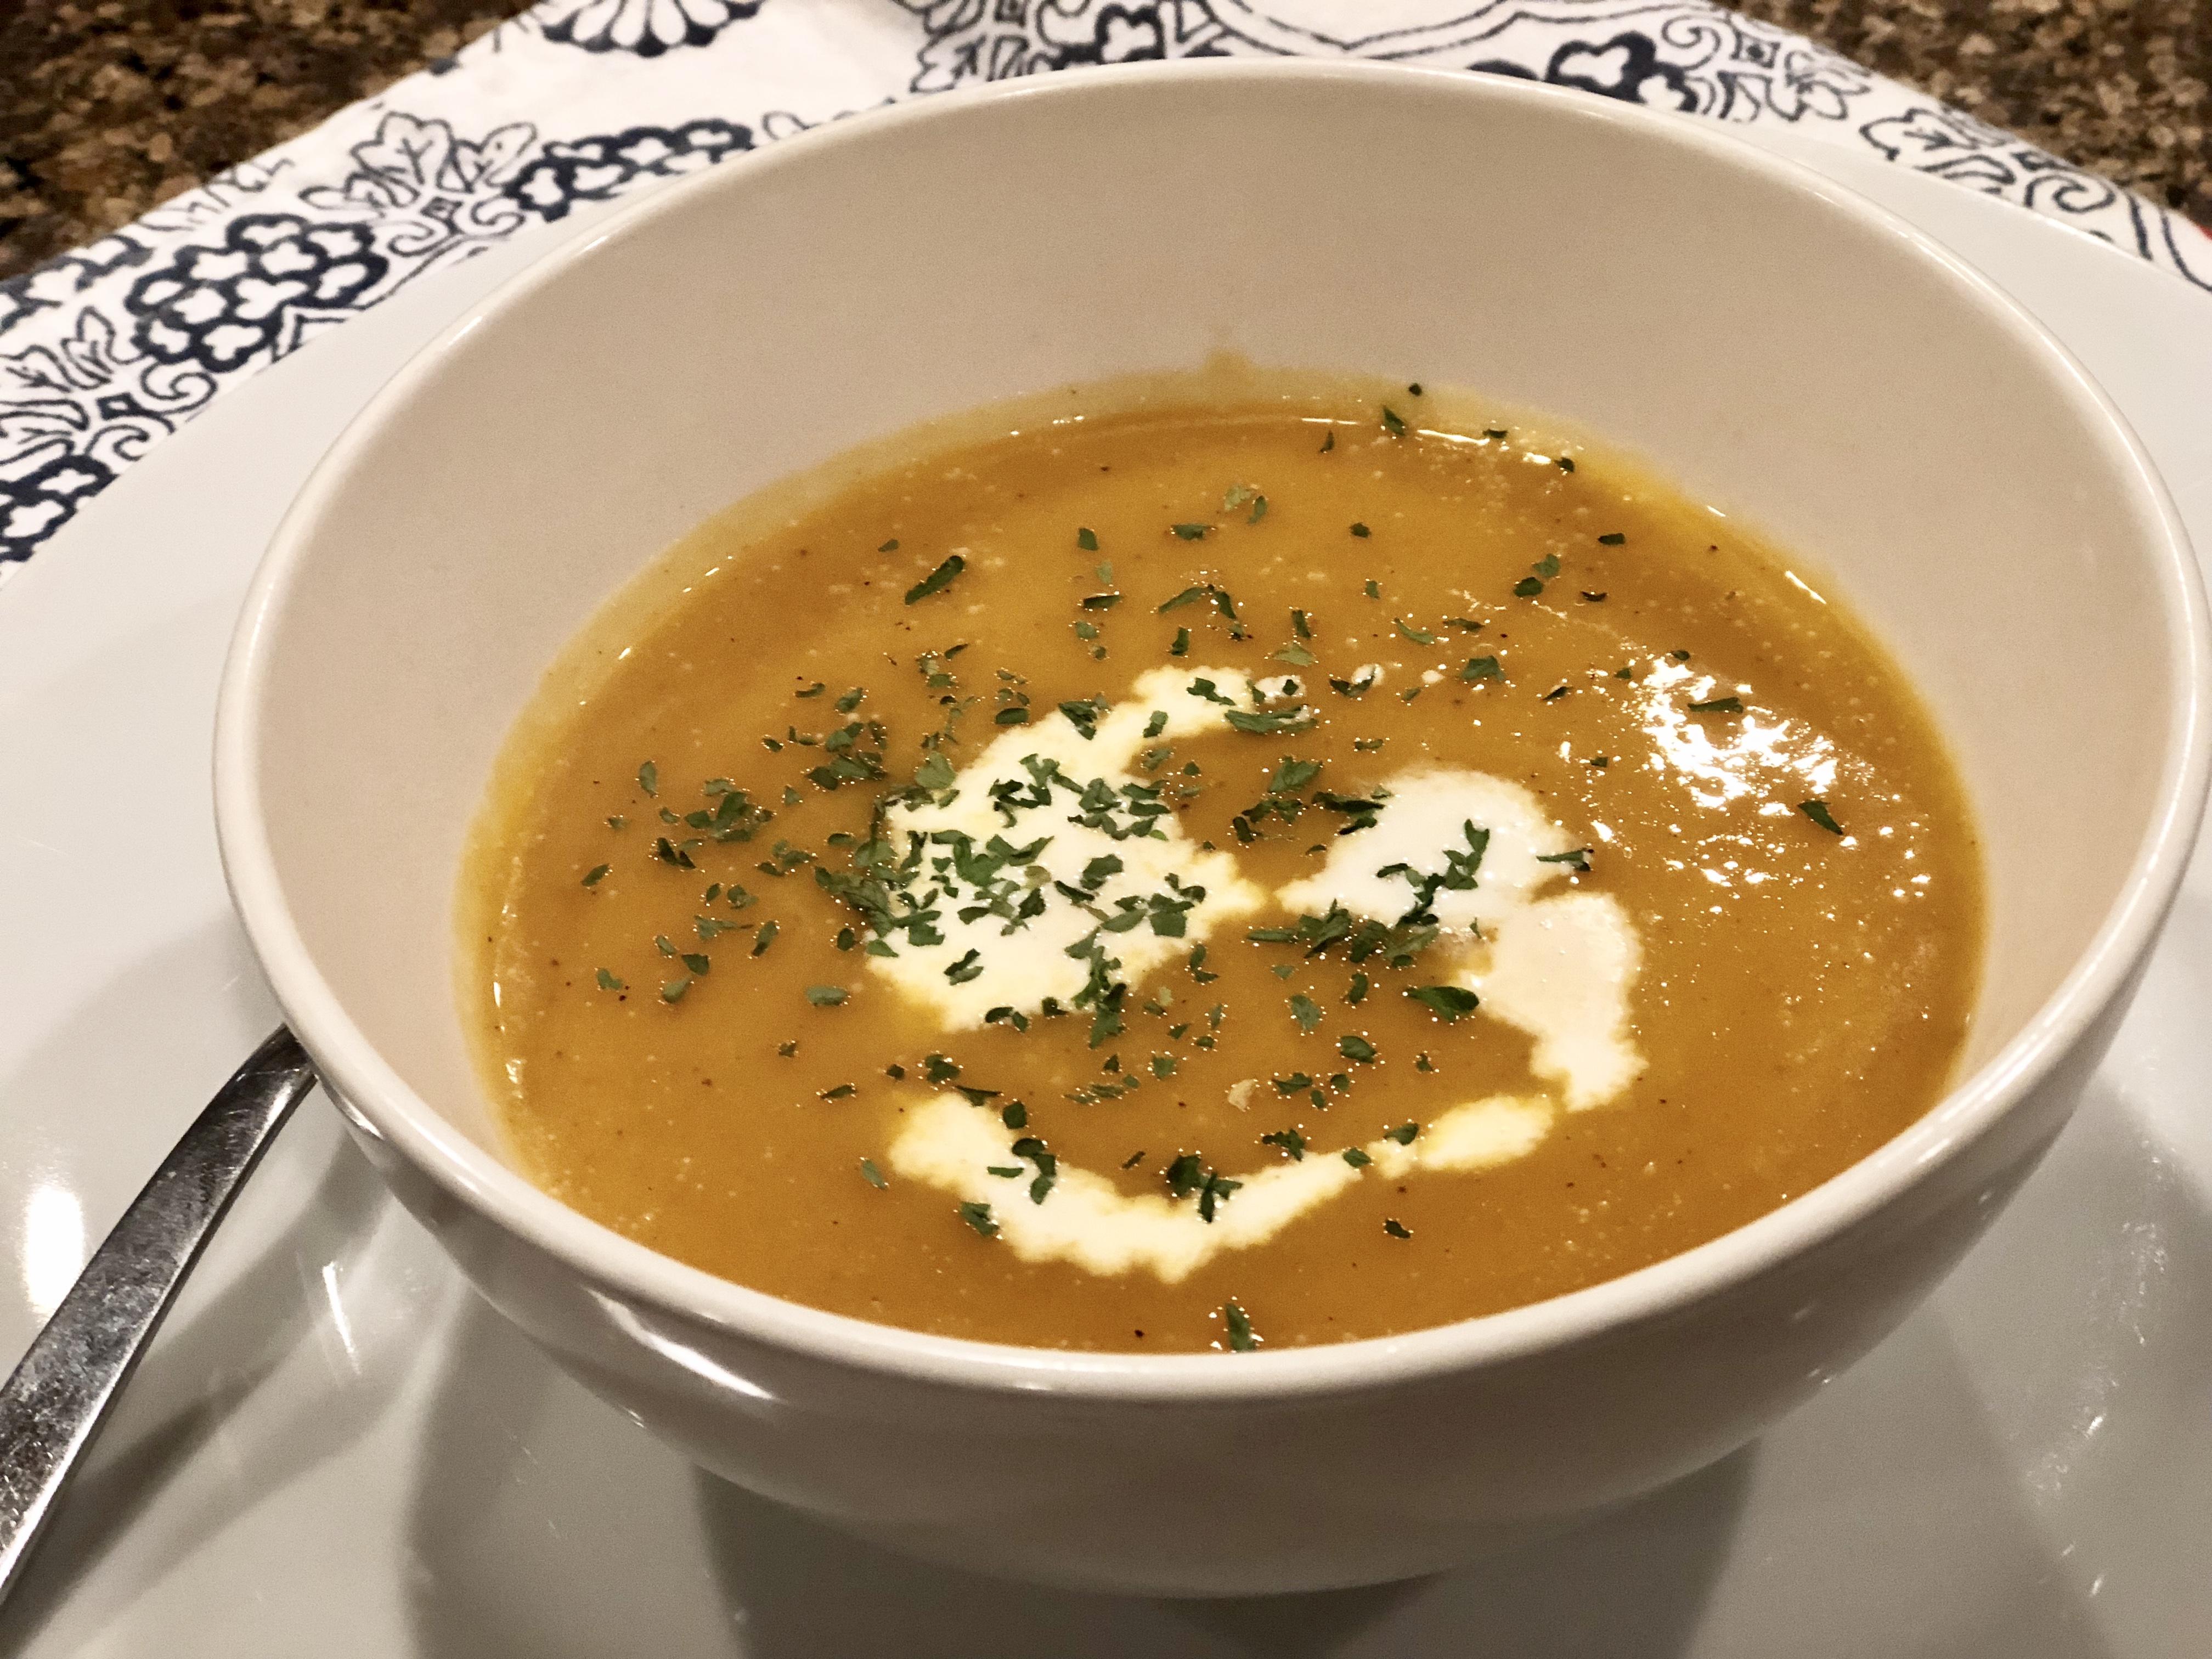 Instant Pot® Spicy Butternut Squash Soup Fioa